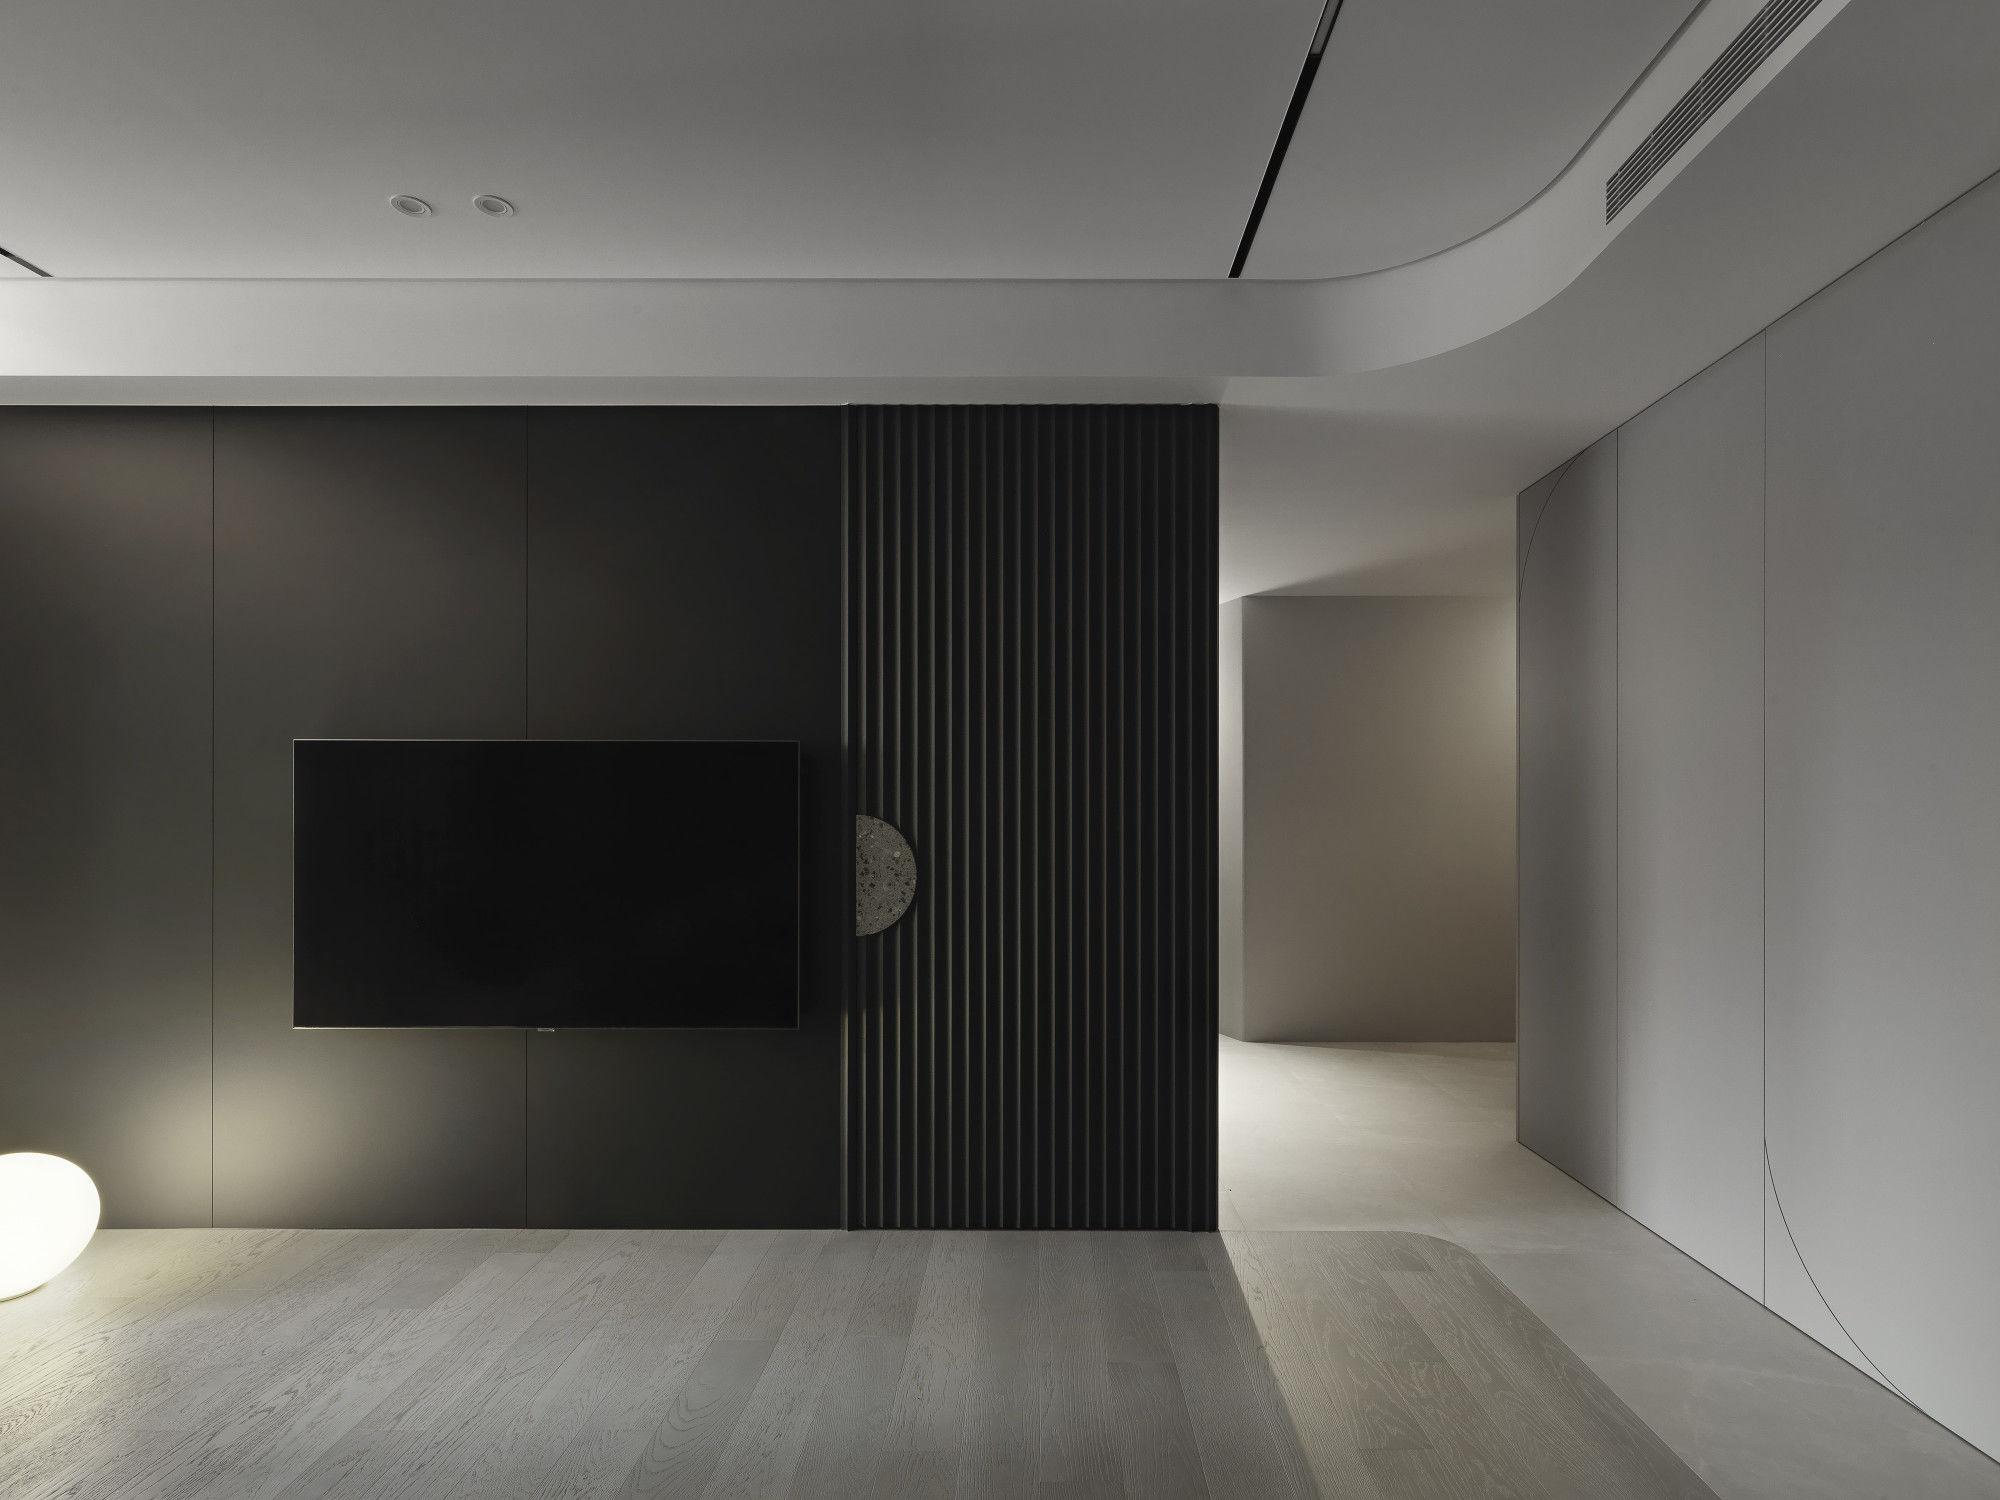 台中分子設計-現代風設計師-台中七期室內設計-電梯大樓整體規劃-客廳電視牆、地板拼接